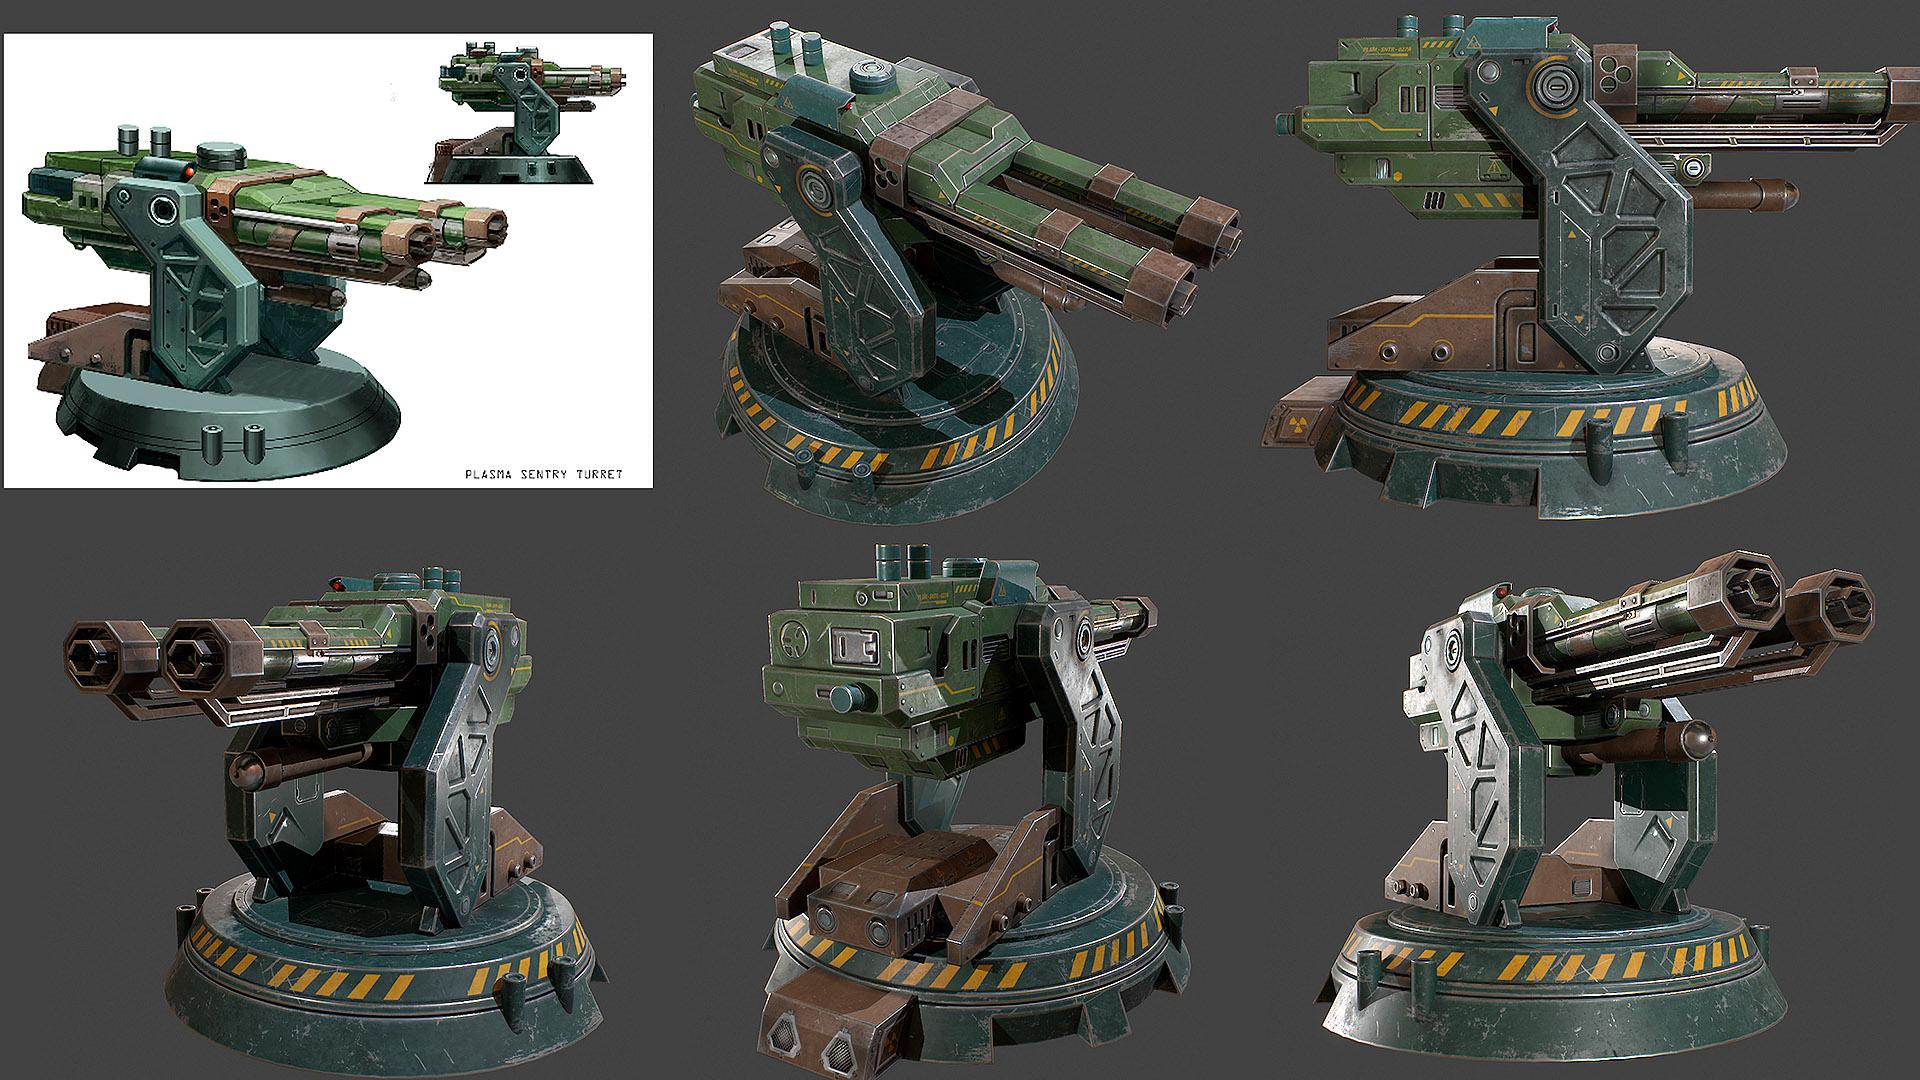 plasma sentry turret Lowpoly Tex